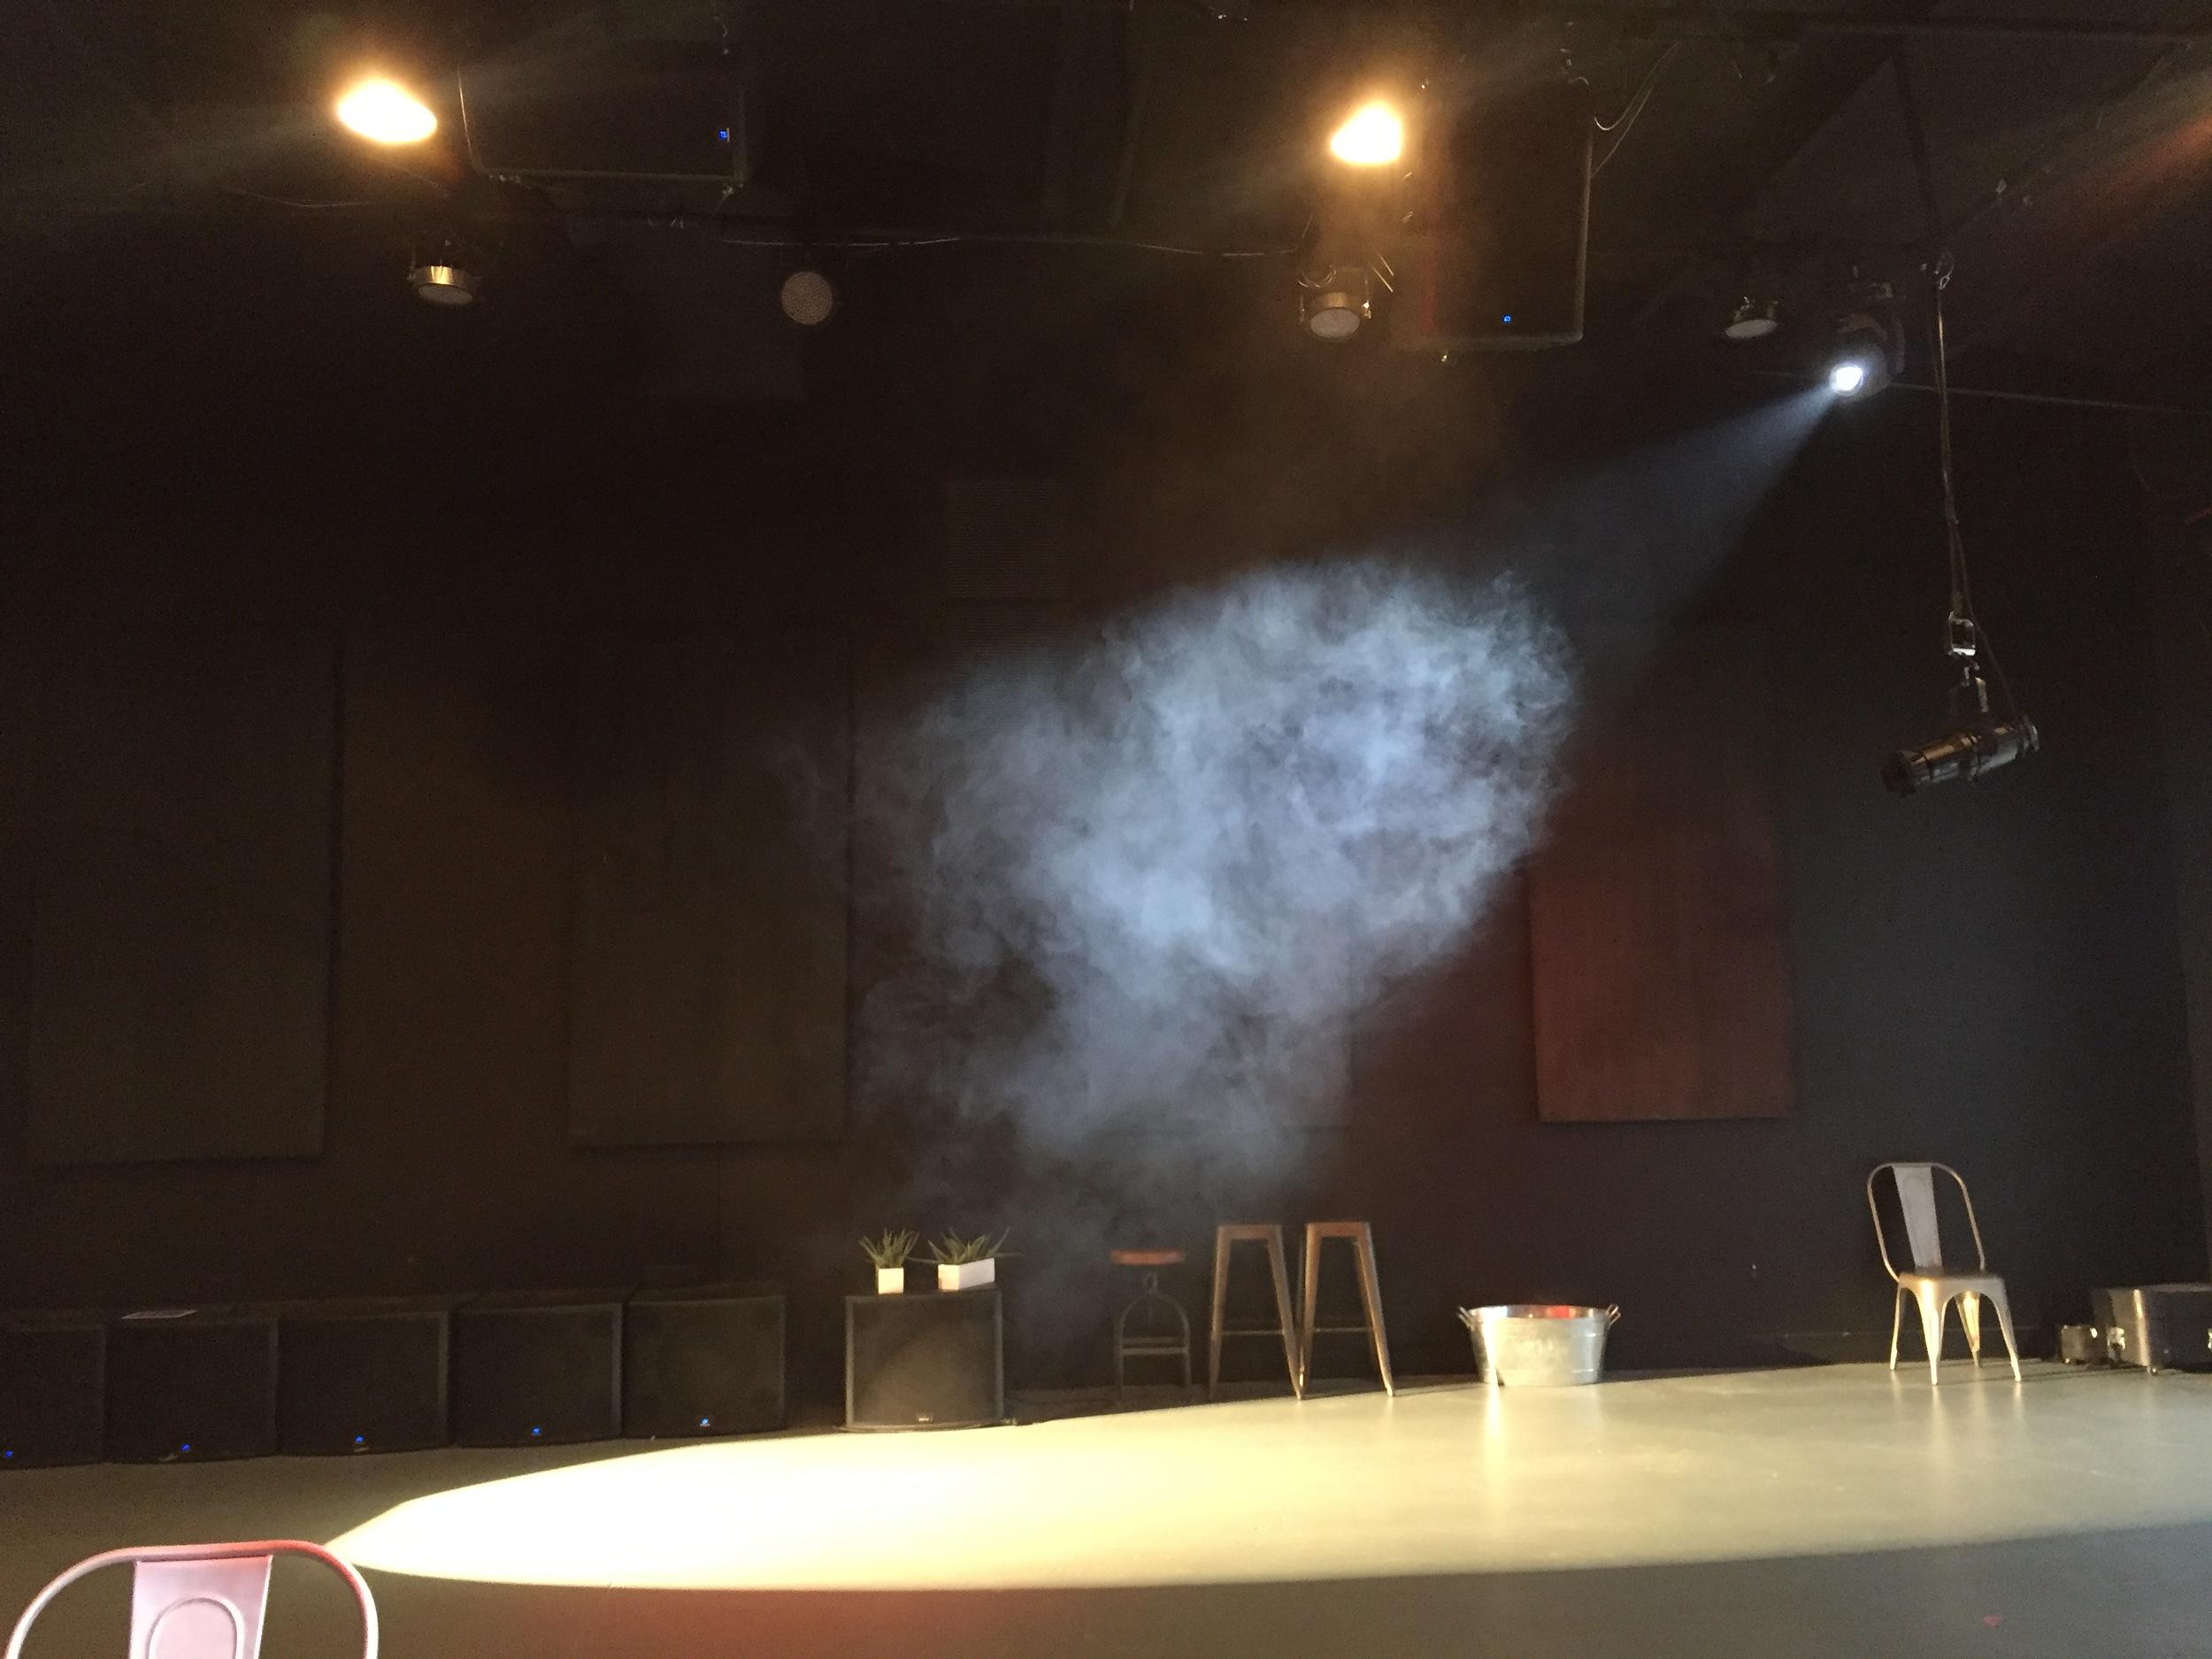 Haze and lighting tests